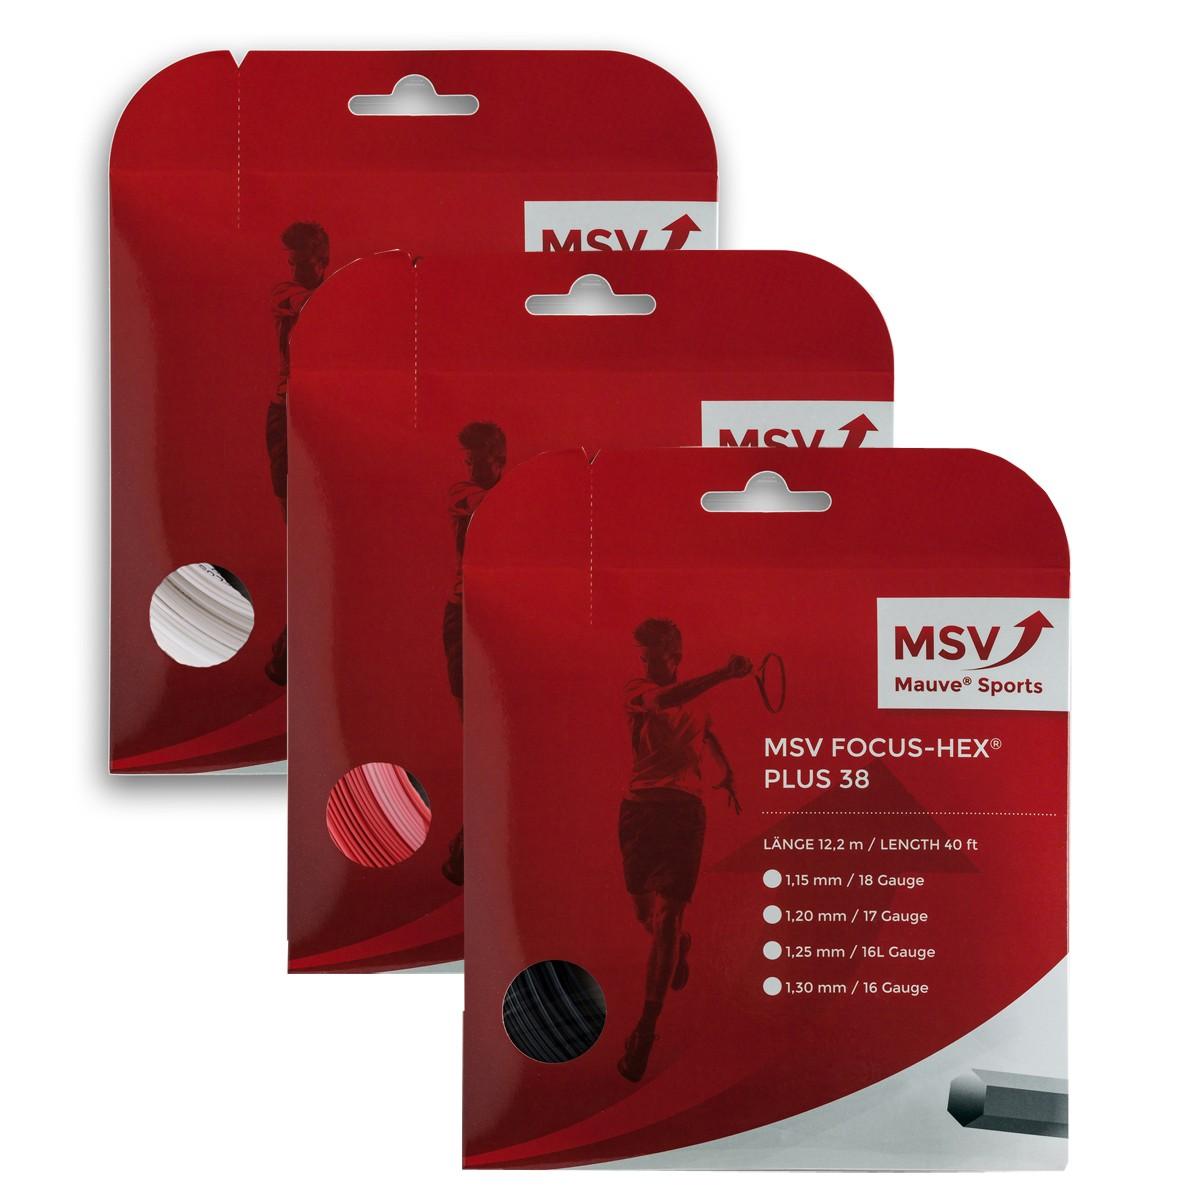 CORDAGE MSV FOCUS HEX PLUS 38 (12METRES)